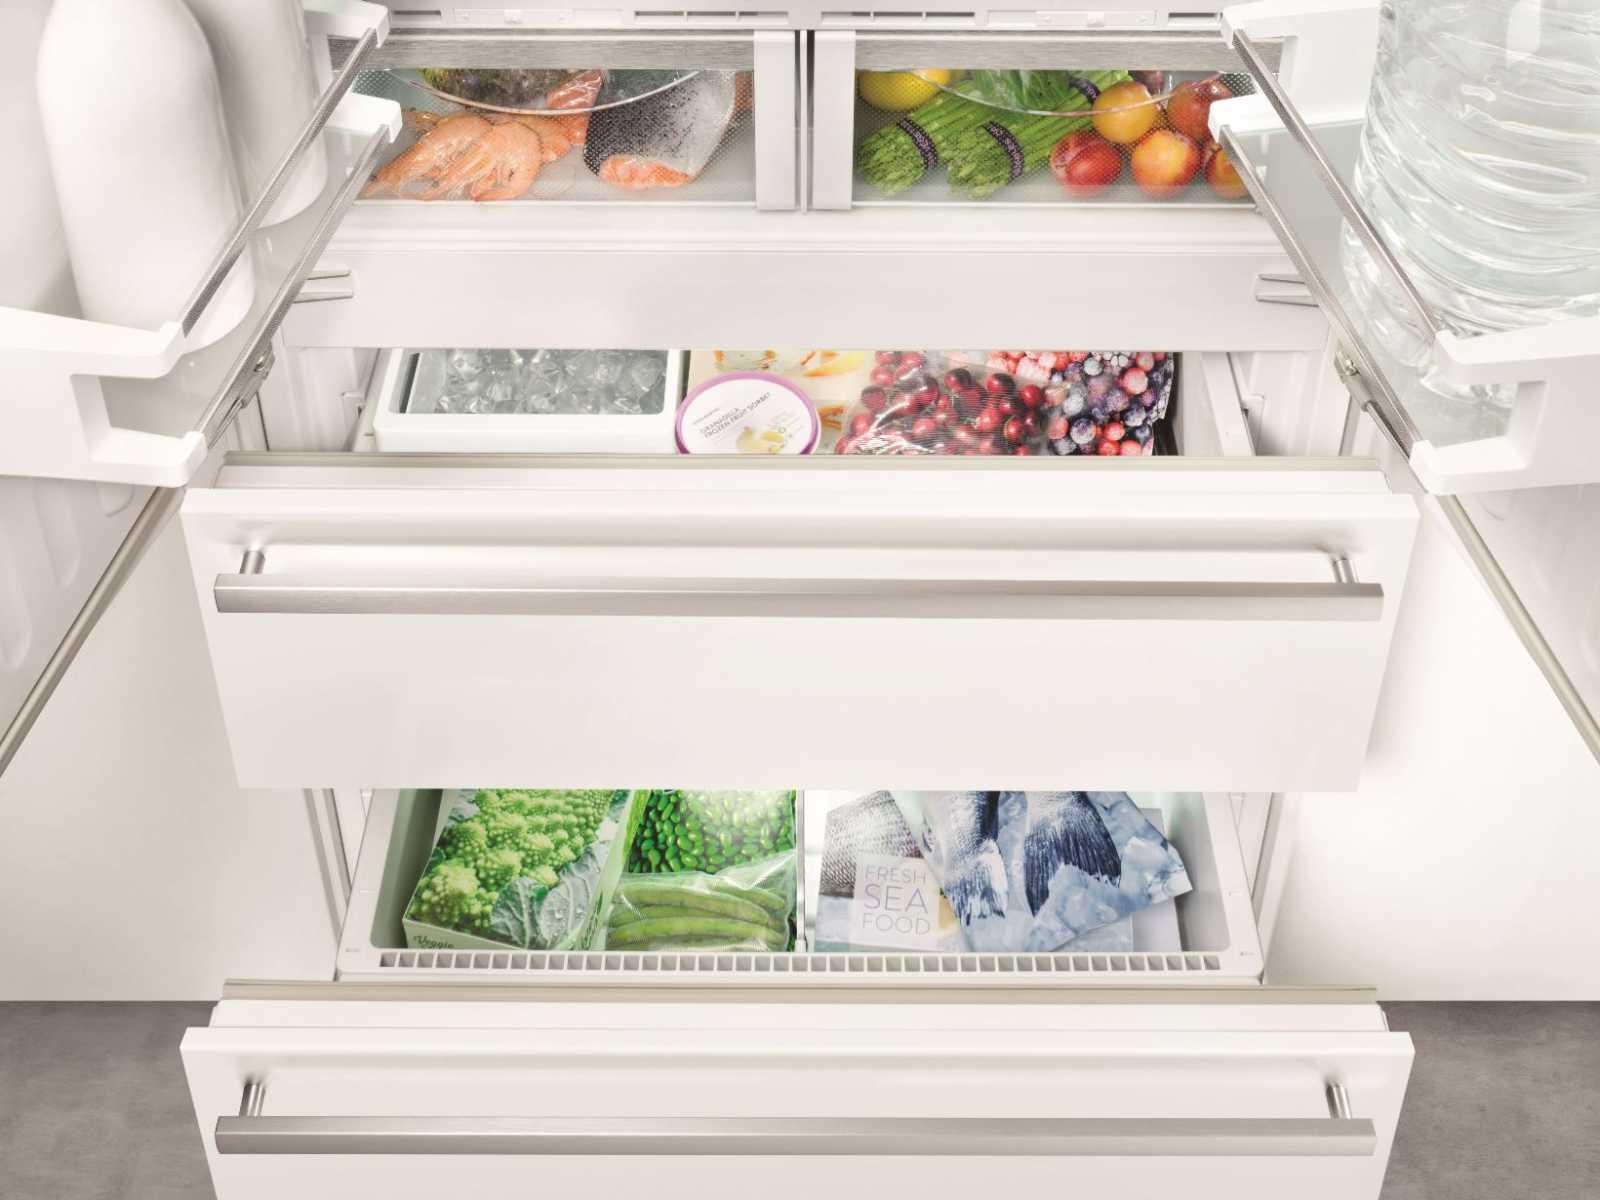 купить Встраиваемый двухкамерный холодильник Liebherr ECBN 6256 Украина фото 6